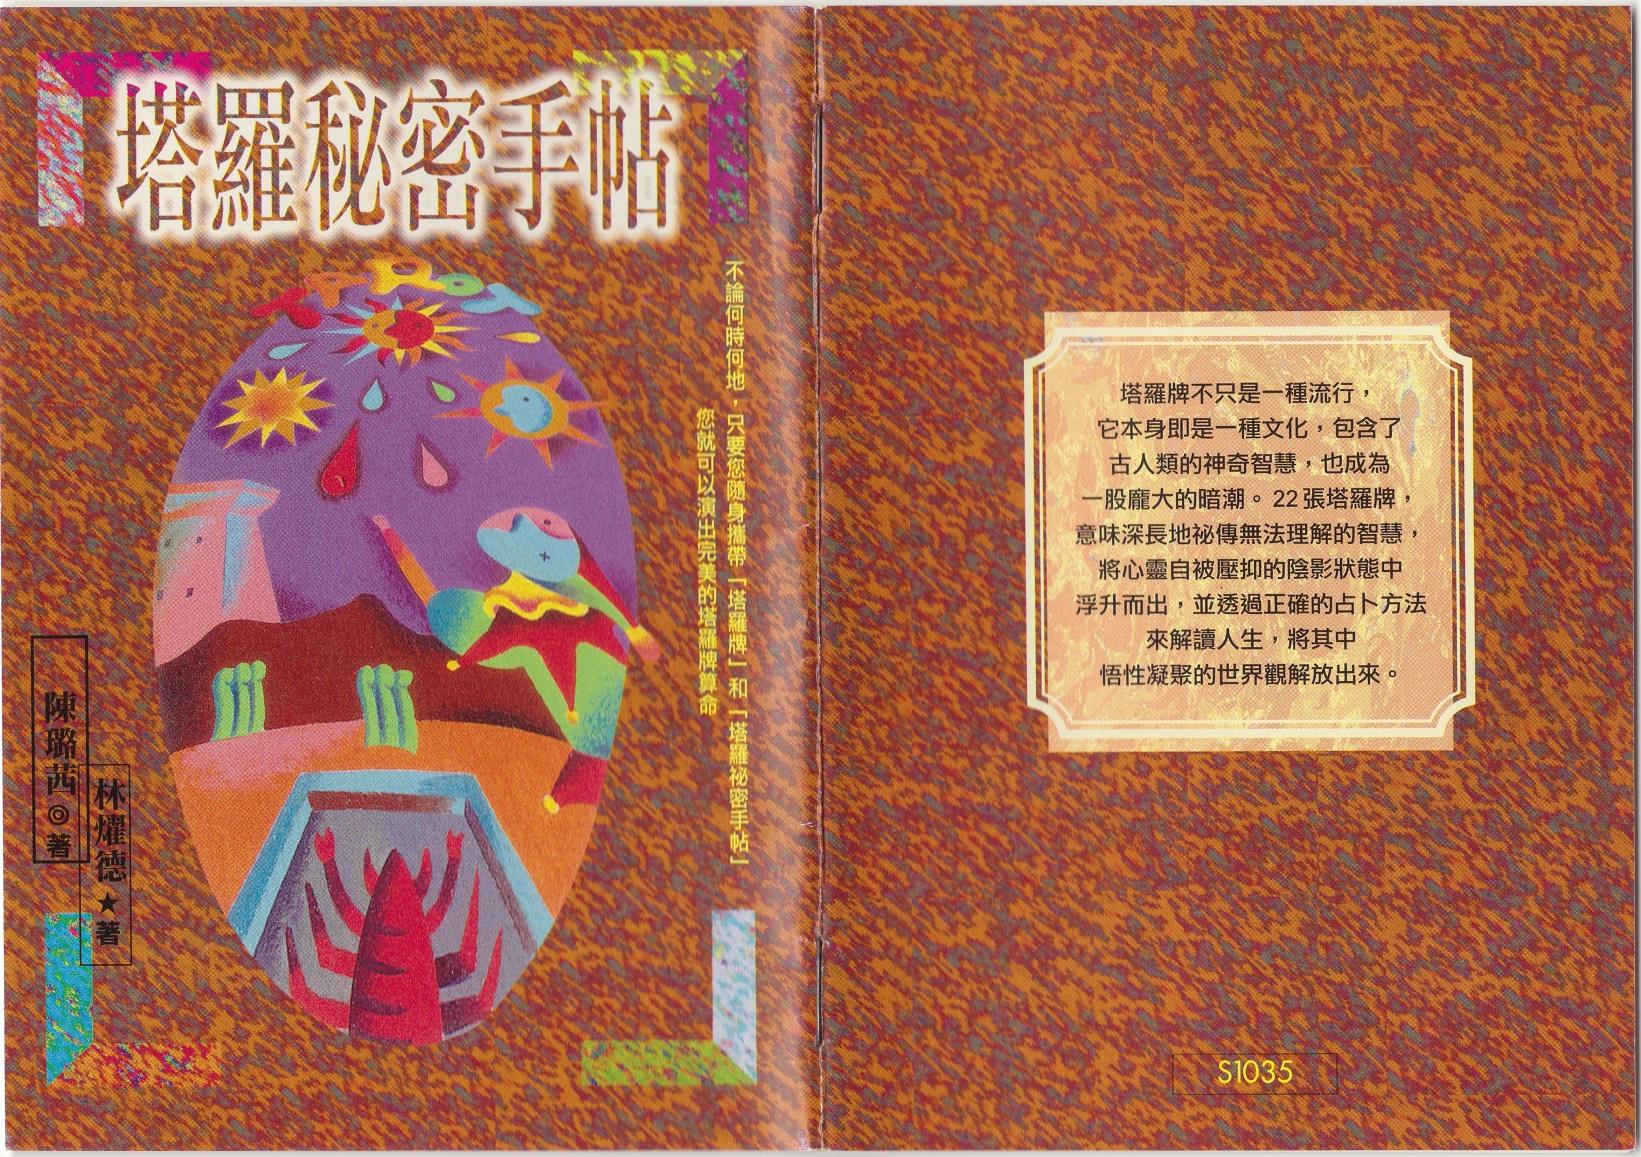 MagicalGame_SmallBooklet.jpg